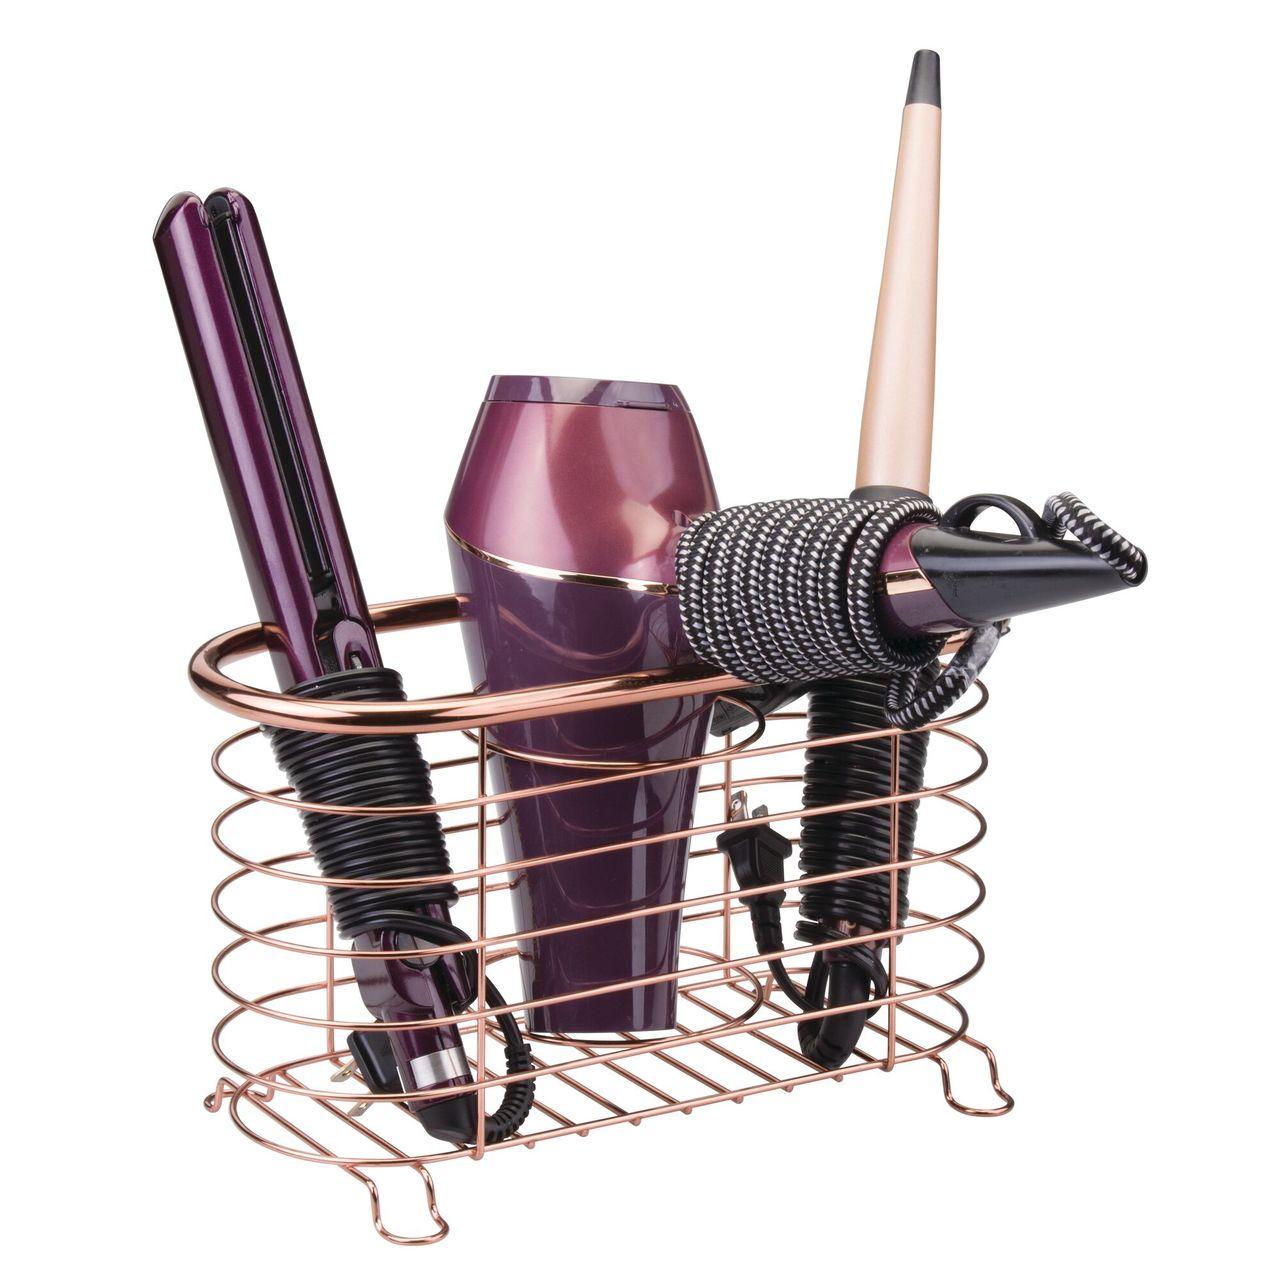 Vanity Countertop Hair Dryer, Tool Holder Basket - Metal Wire in Black, 5.5